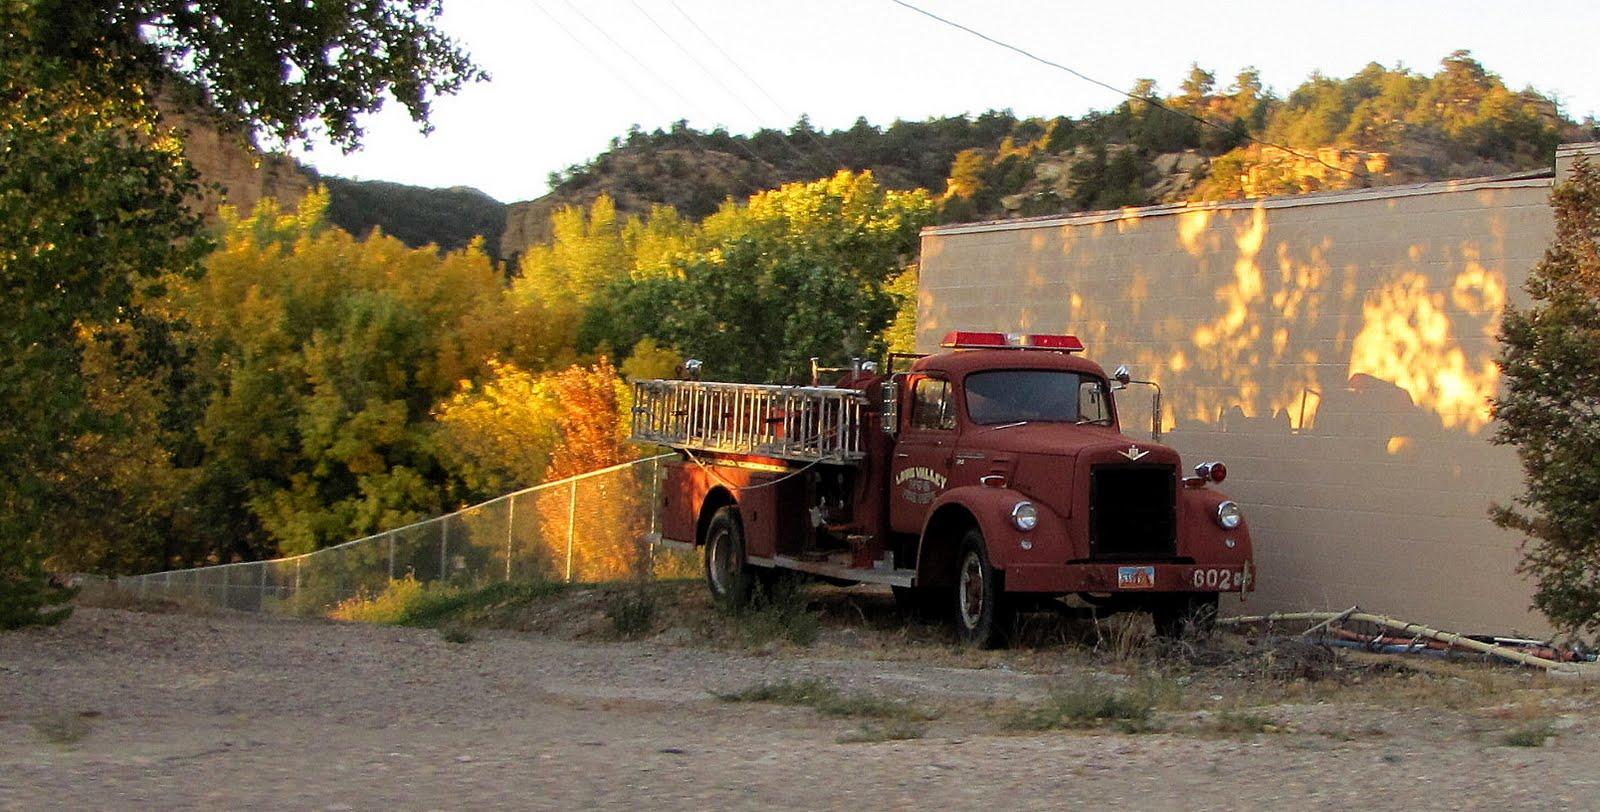 Old Fire-engine, Utah, 1955 International V220 Fire Engine